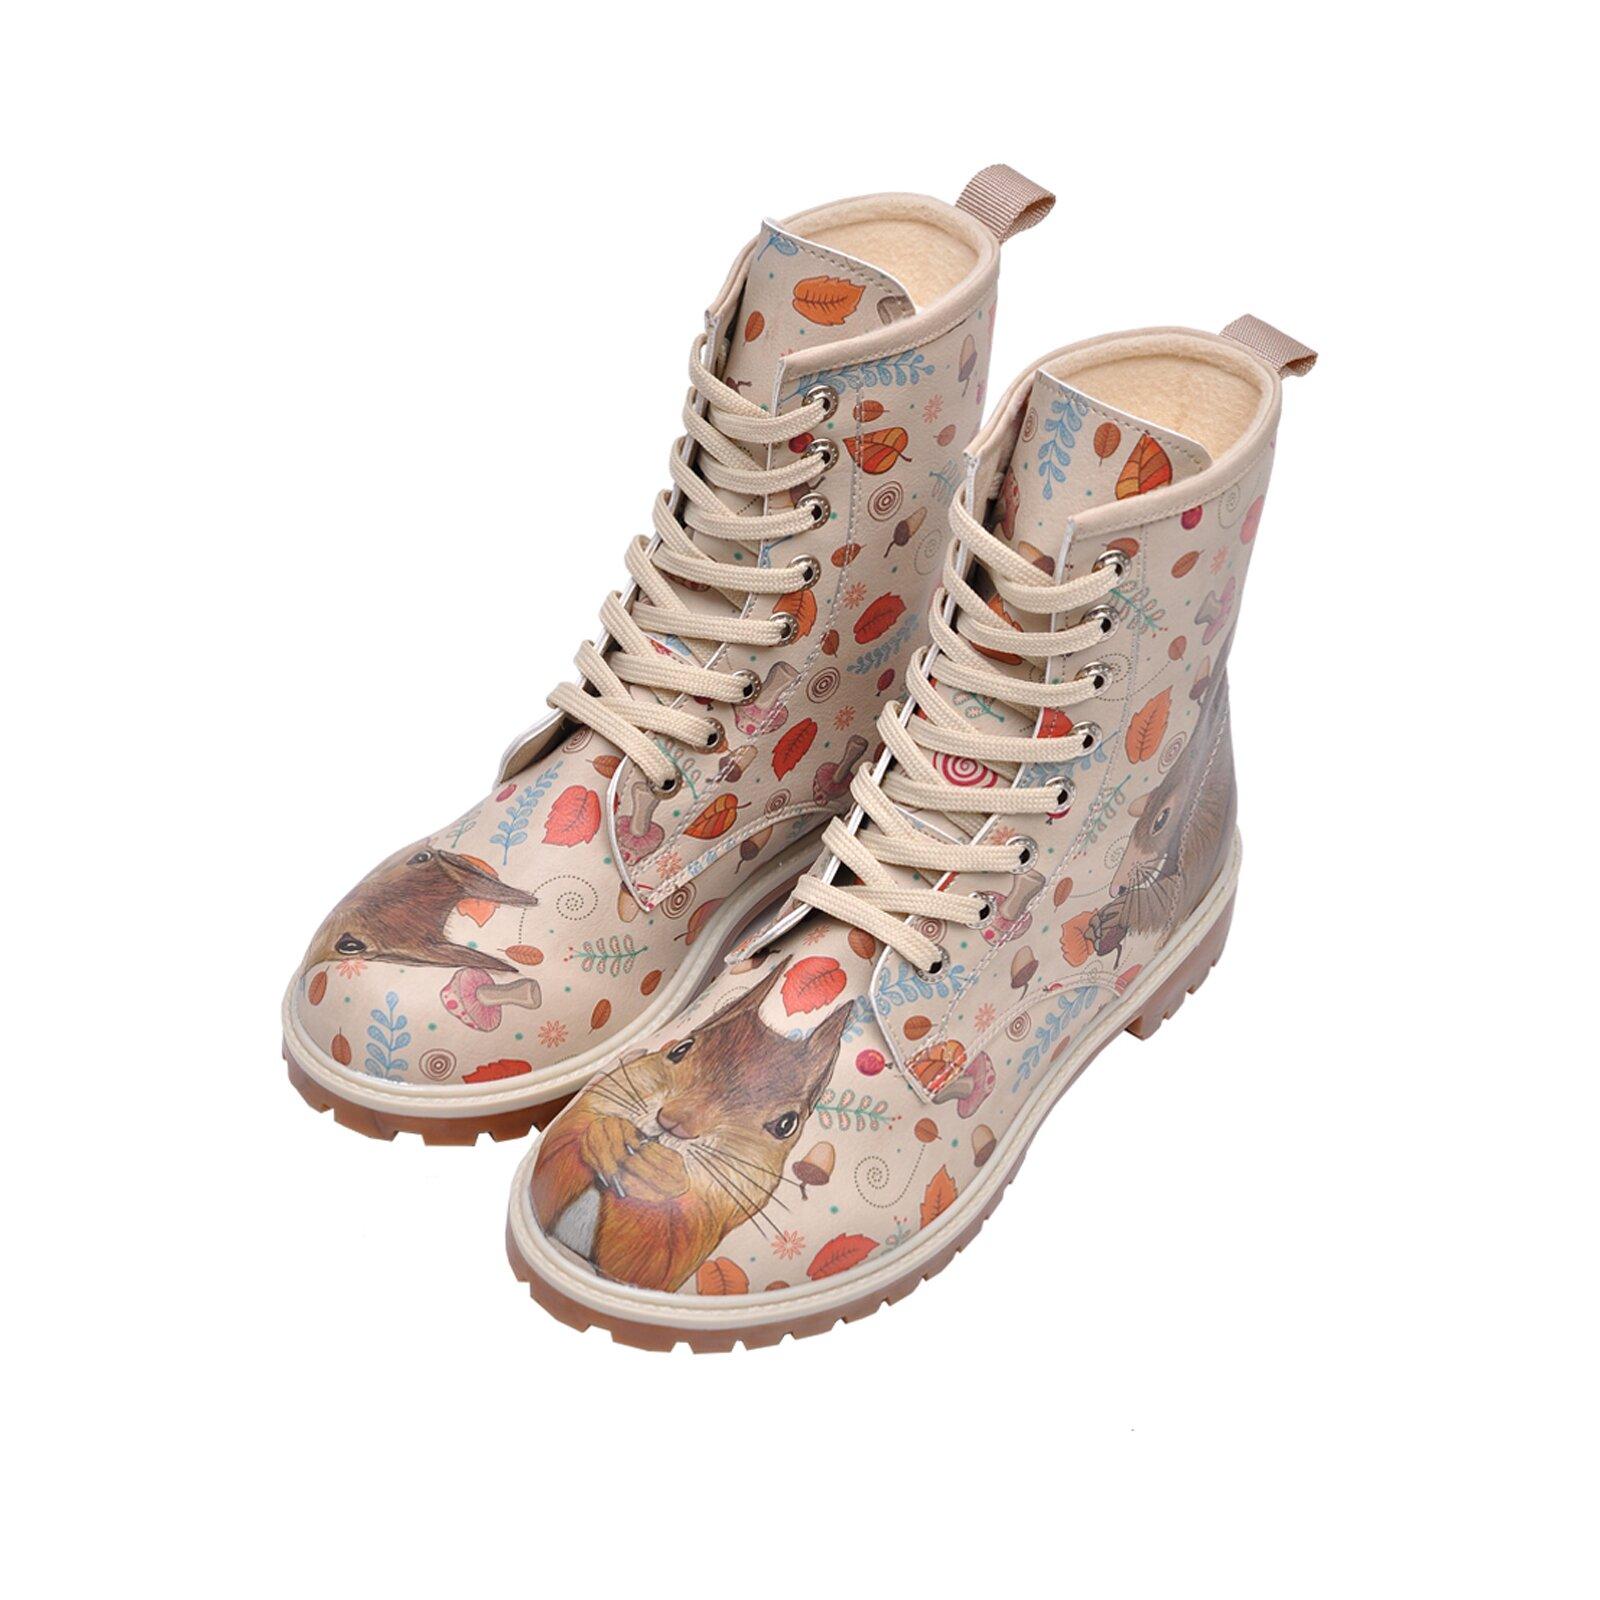 Jetzt bei CORNELIA: Schuhe und Taschen für Frühjahr und Sommer